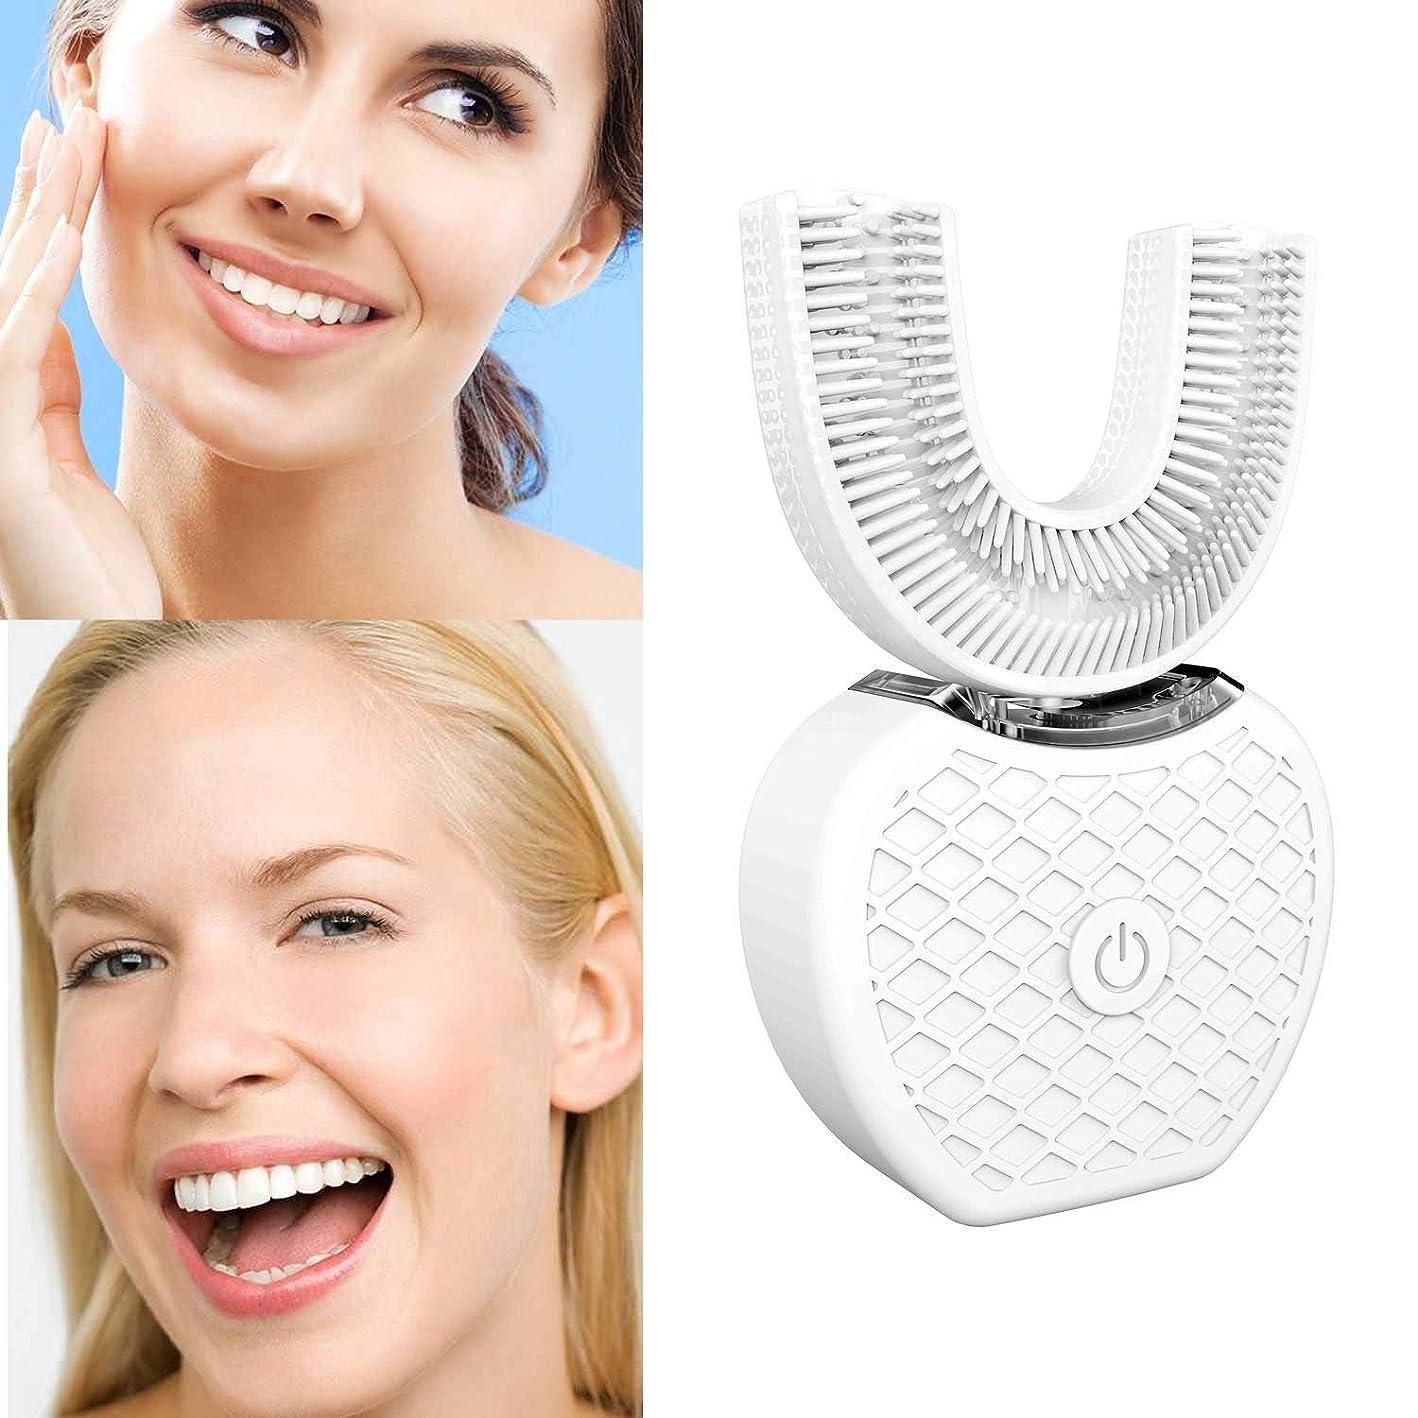 リッチ利点落胆する新しい電動歯ブラシ、V-white 超音波自動歯ブラシ360°包囲清掃歯、より深い清掃 (ホワイト)